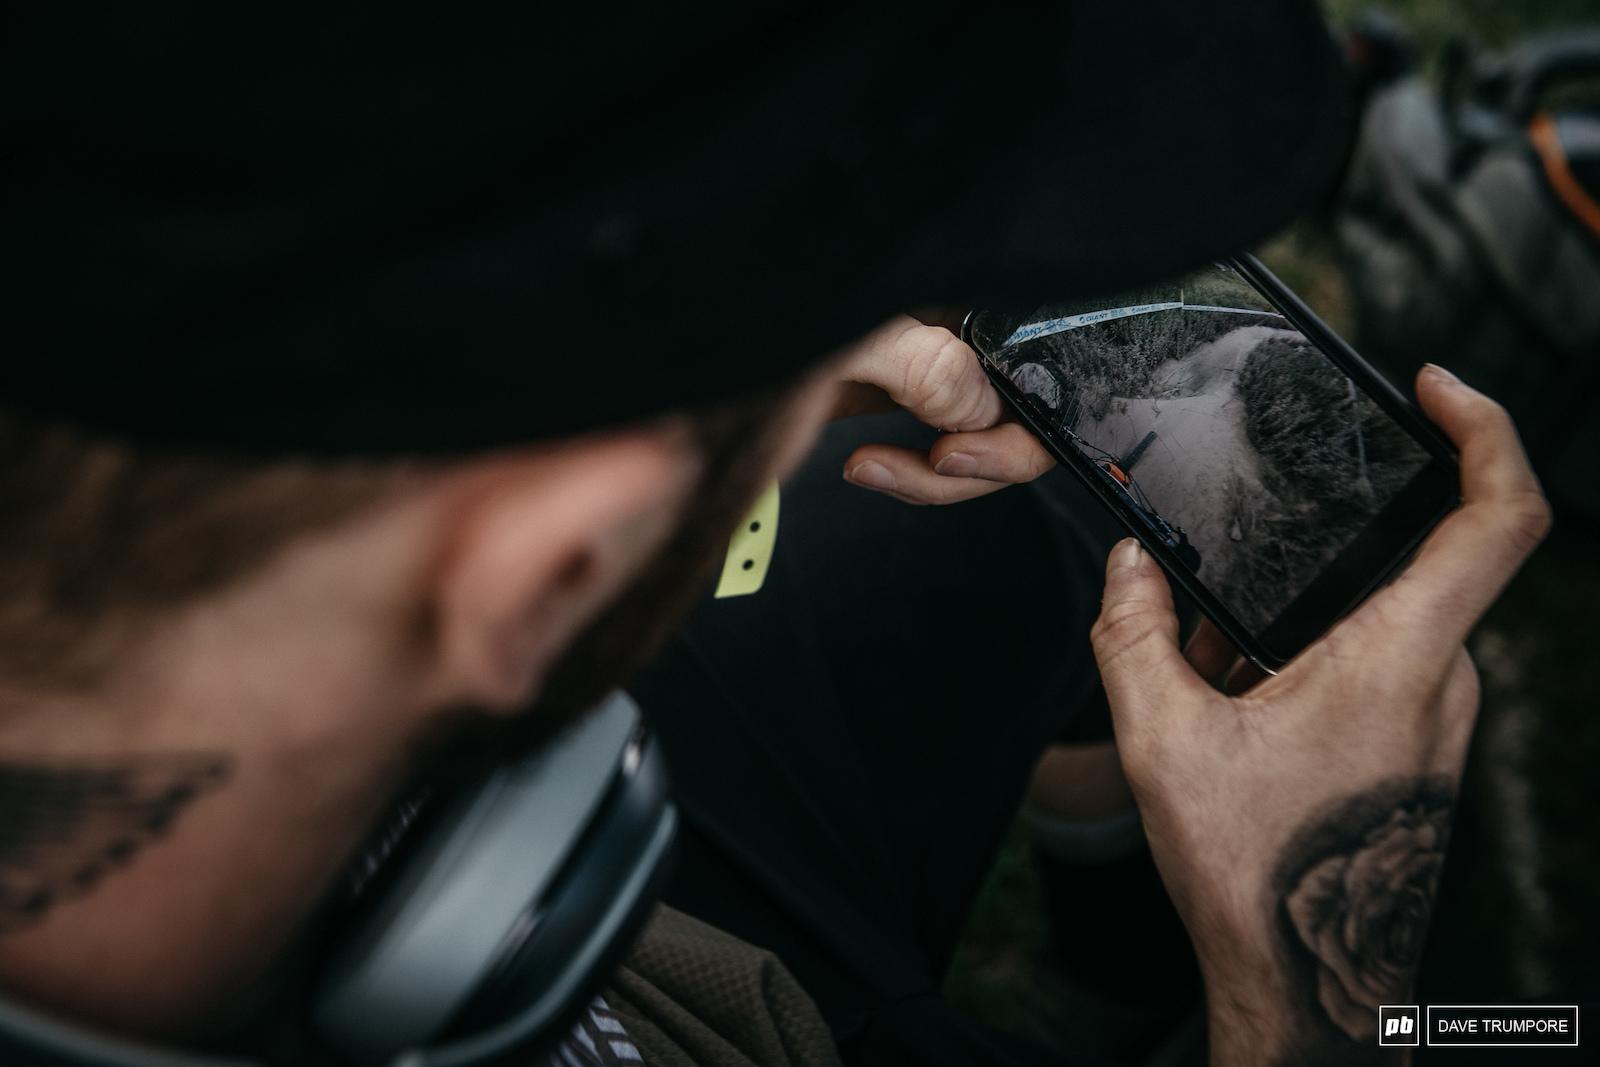 Last minute helmet cam reviews before stage 1 for Lewis Buchanan.